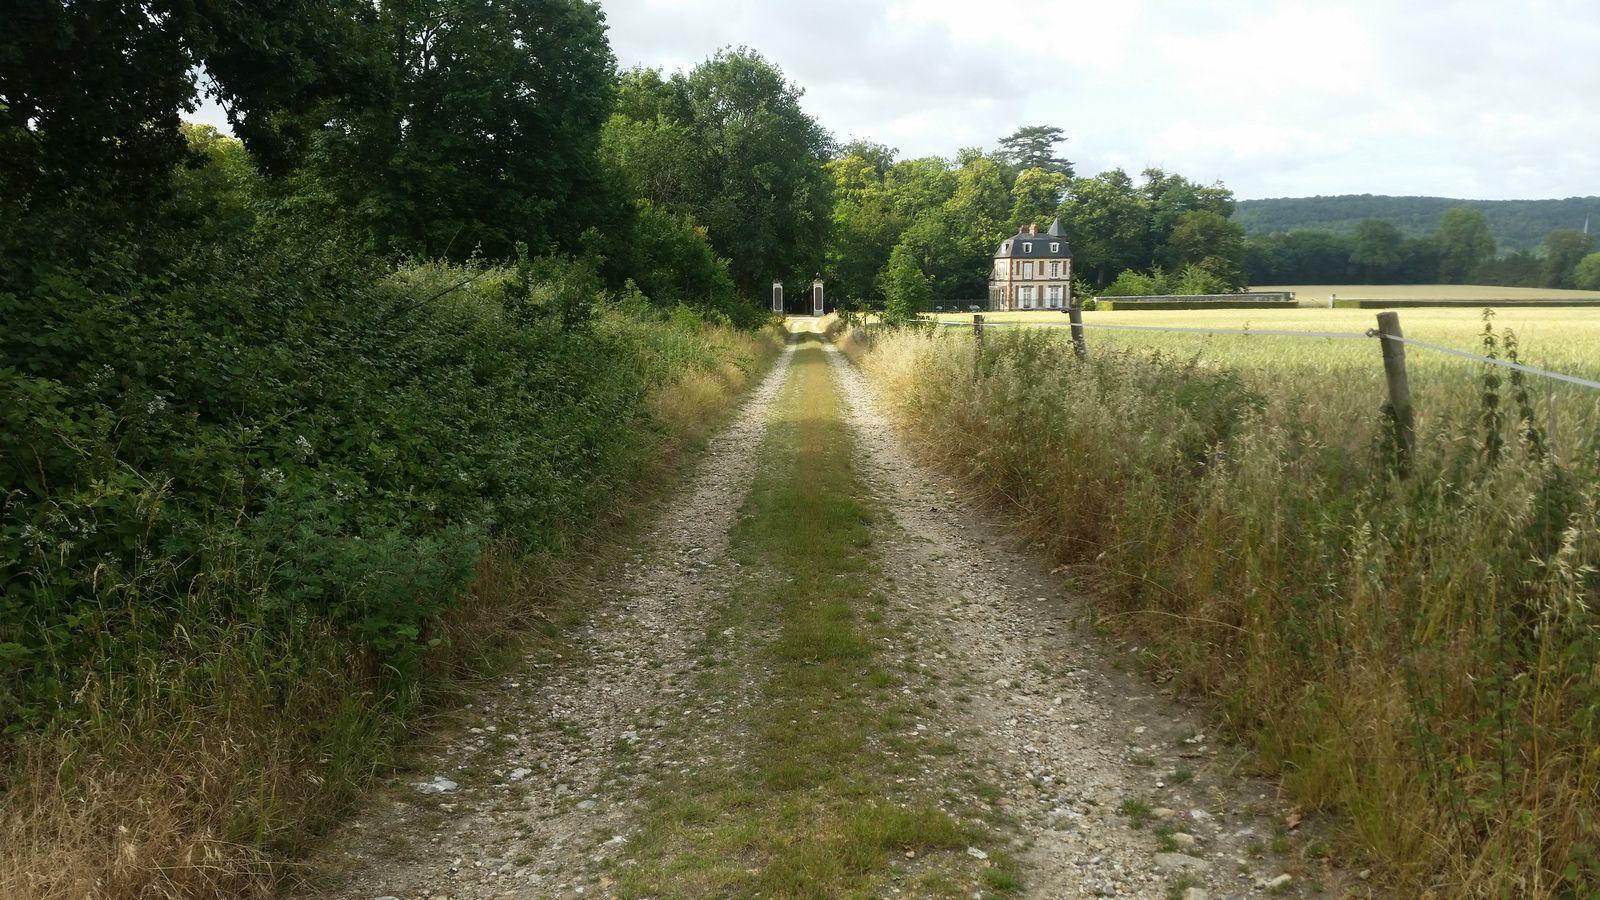 L'Avenue de Soquence entre Hautot-sur-Seine et Sahurs